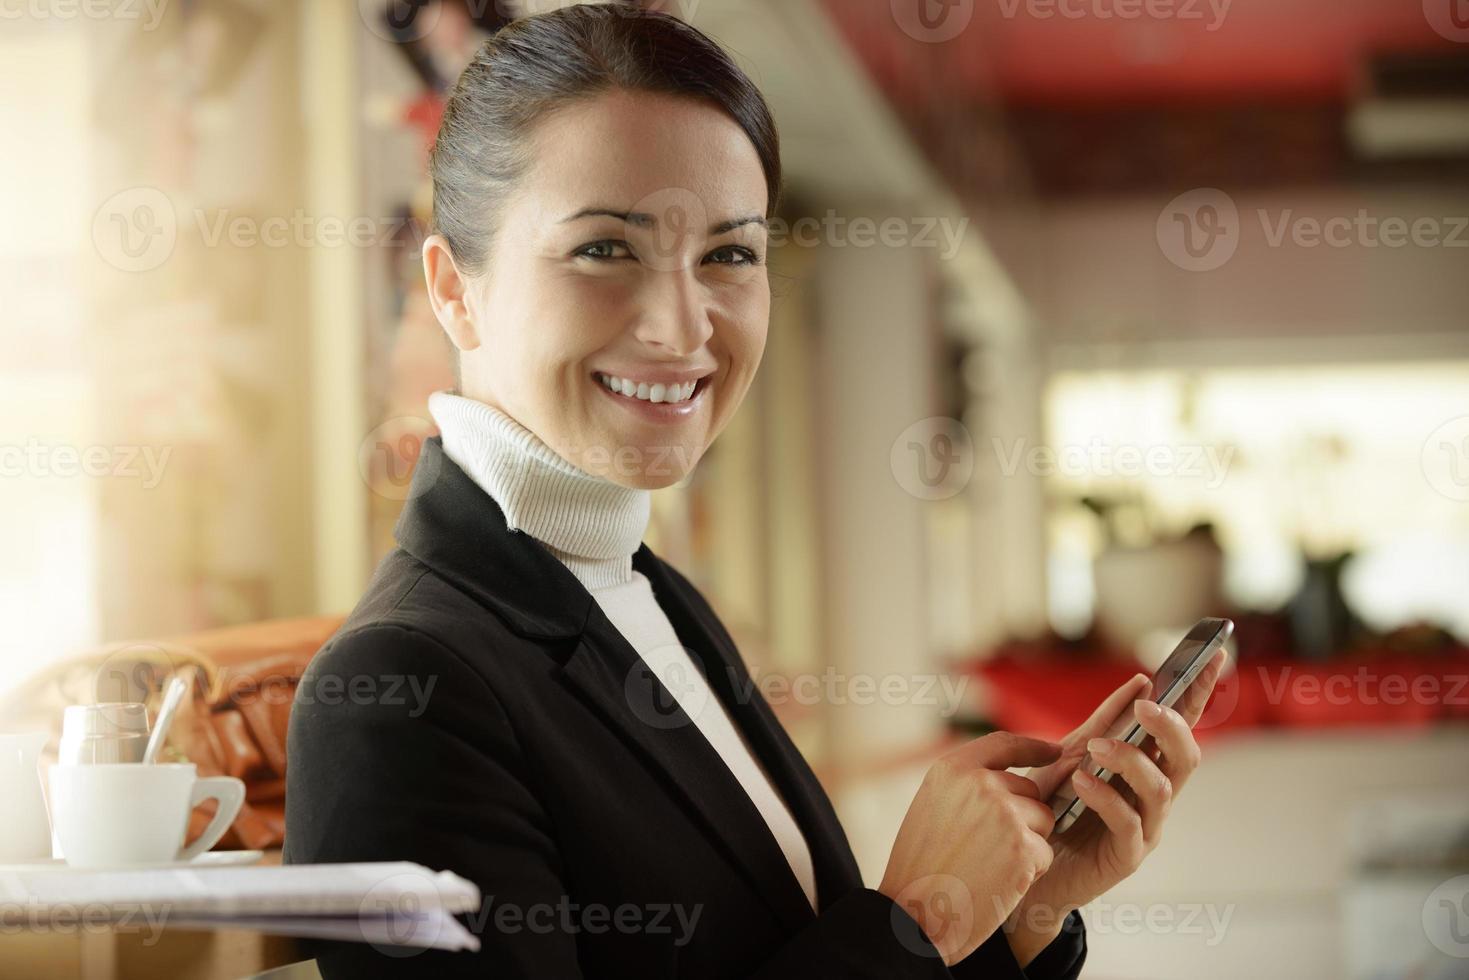 femme au bar envoyer des SMS avec son téléphone portable photo